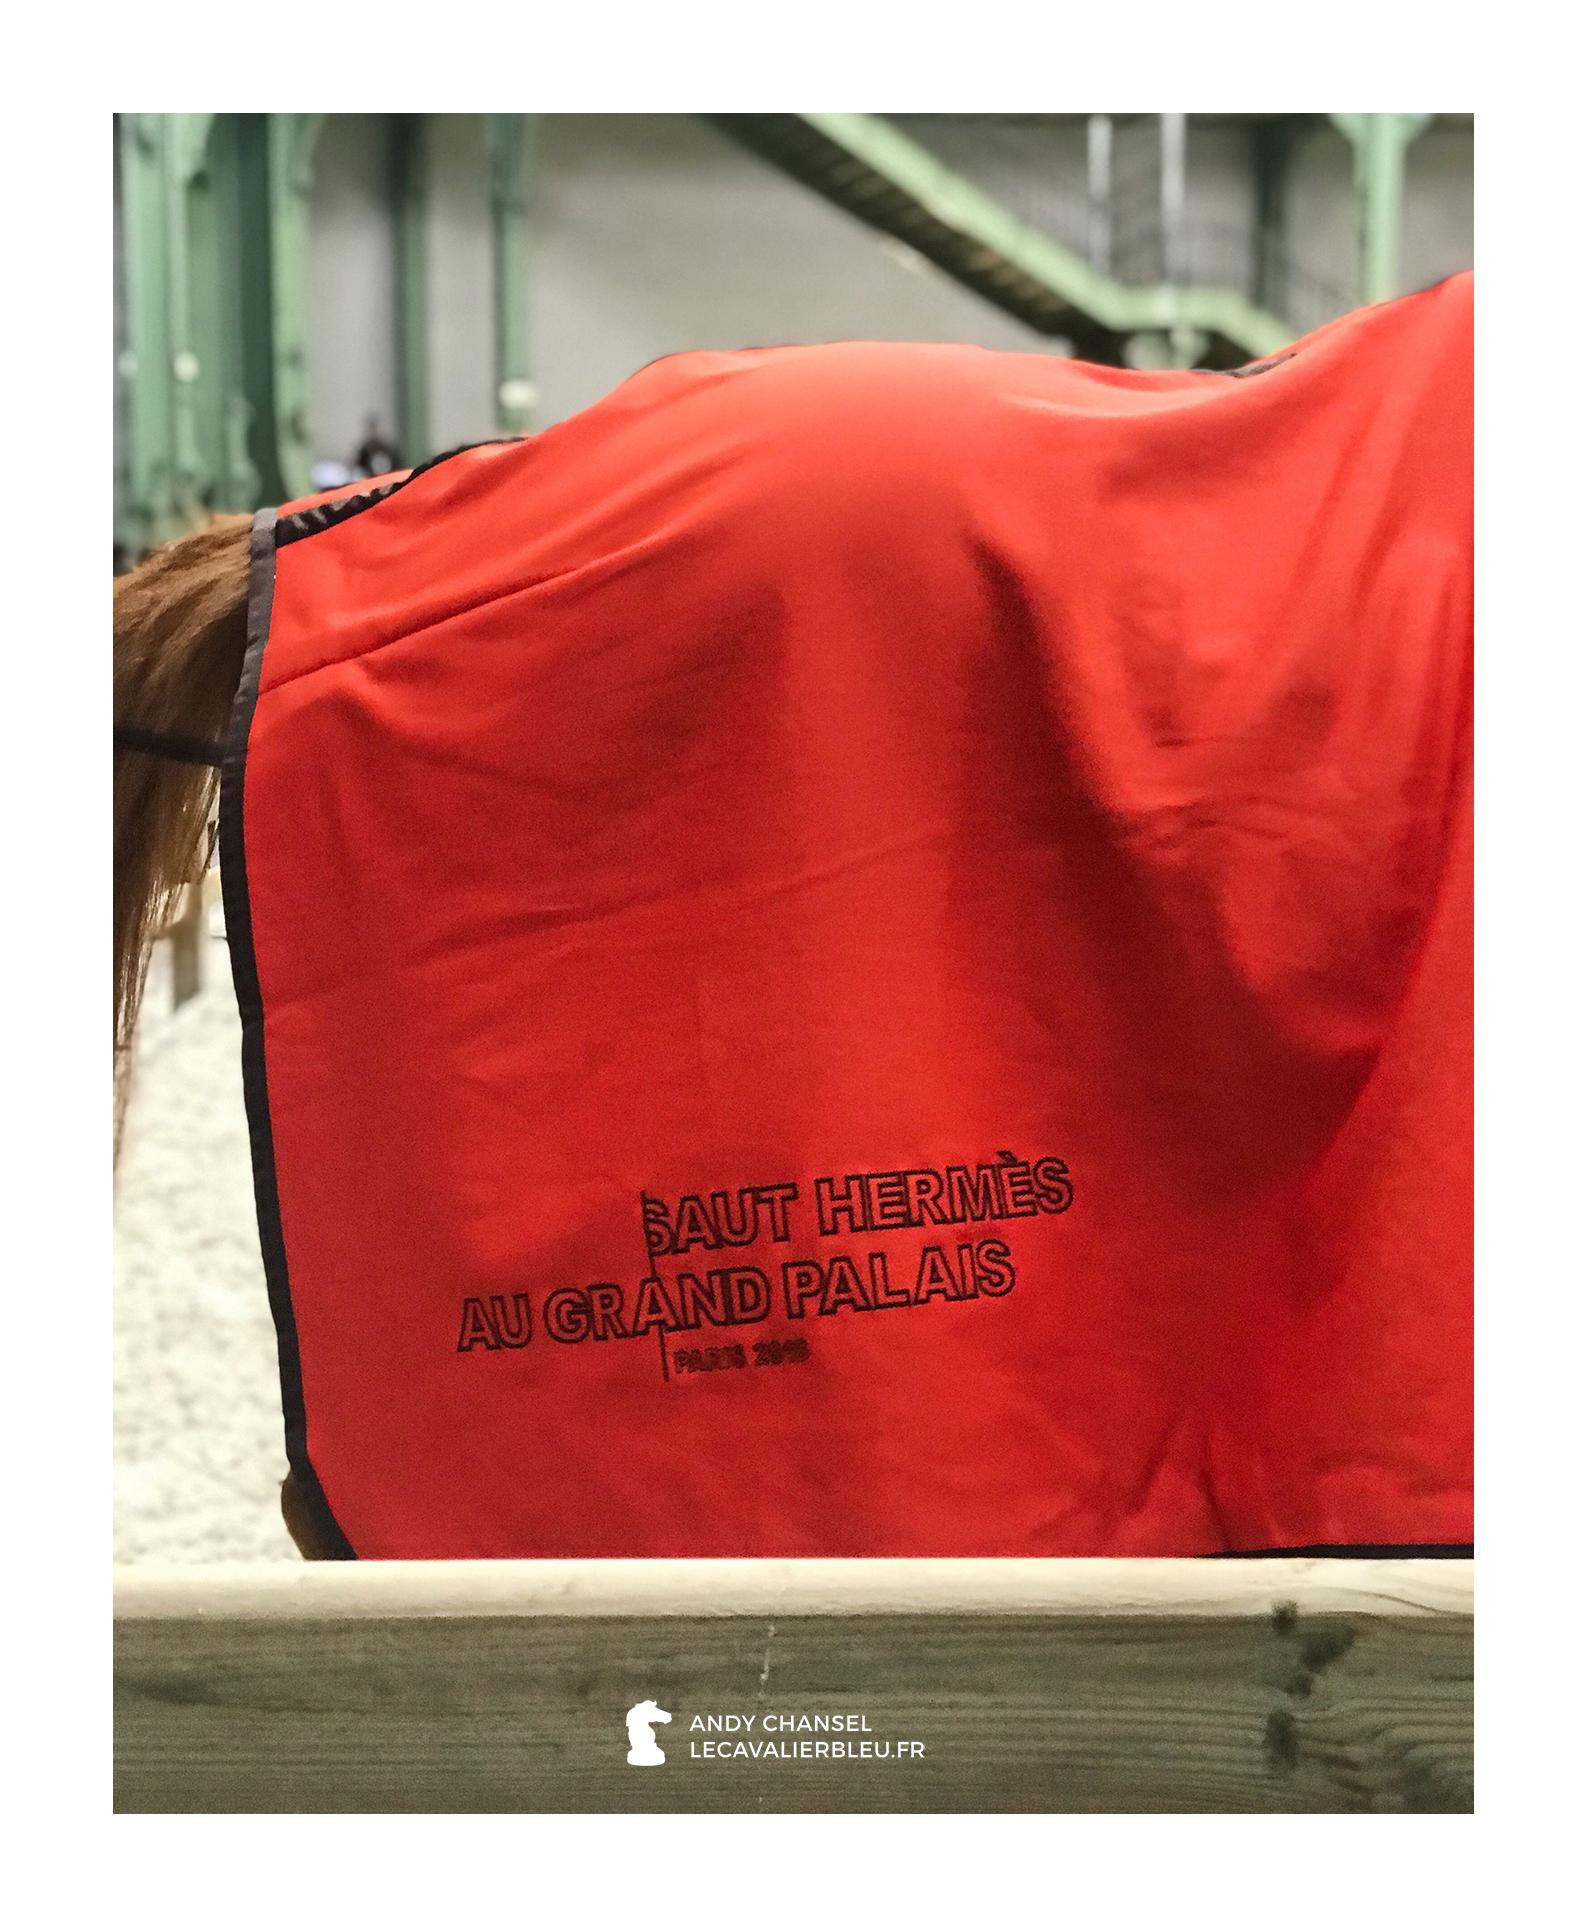 Saut Hermès : Extraits de bavardages